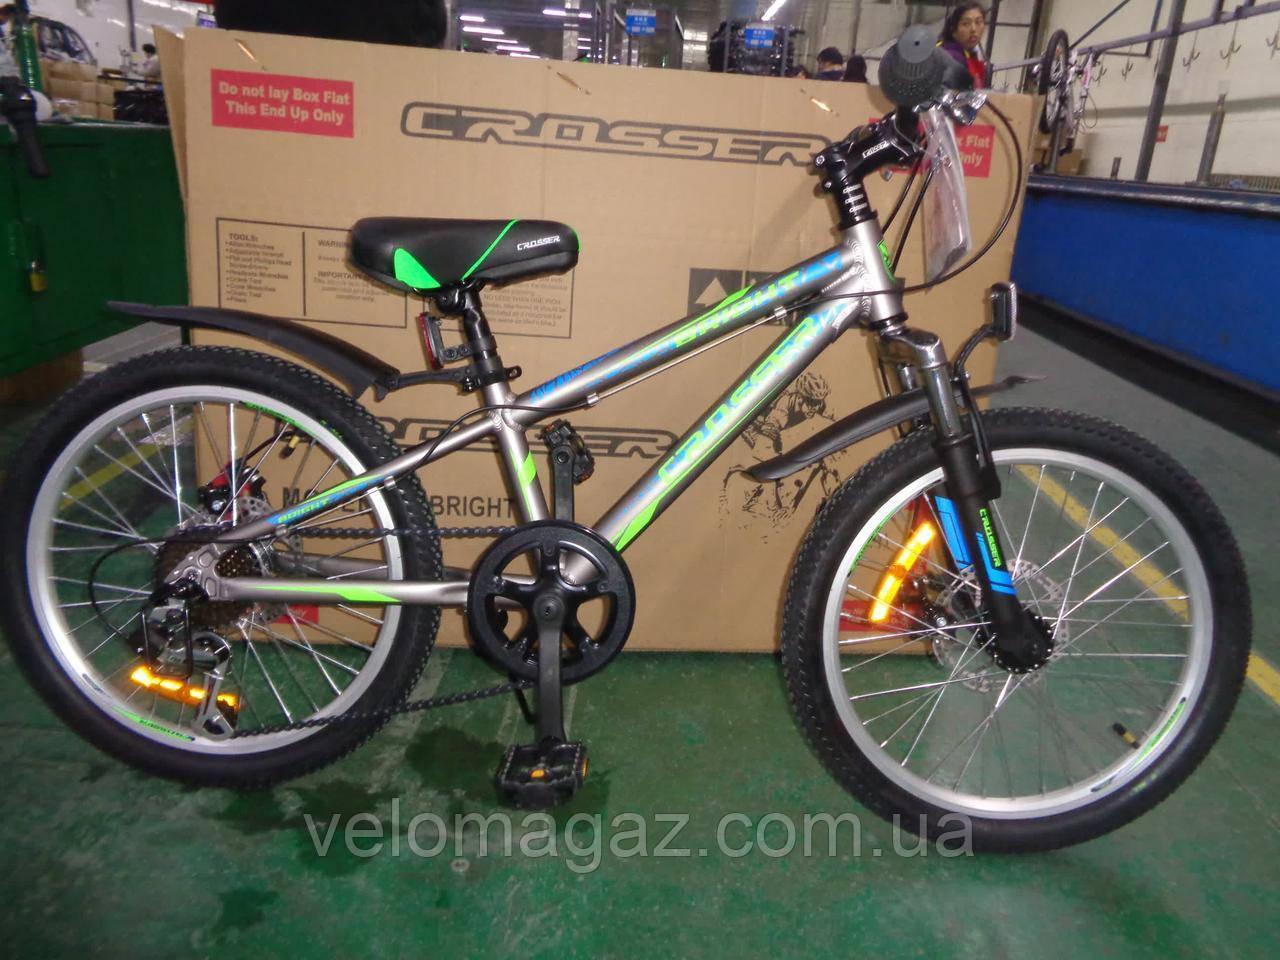 """Велосипед горный алюминиевый Crosser Bright-1 20"""", серый"""